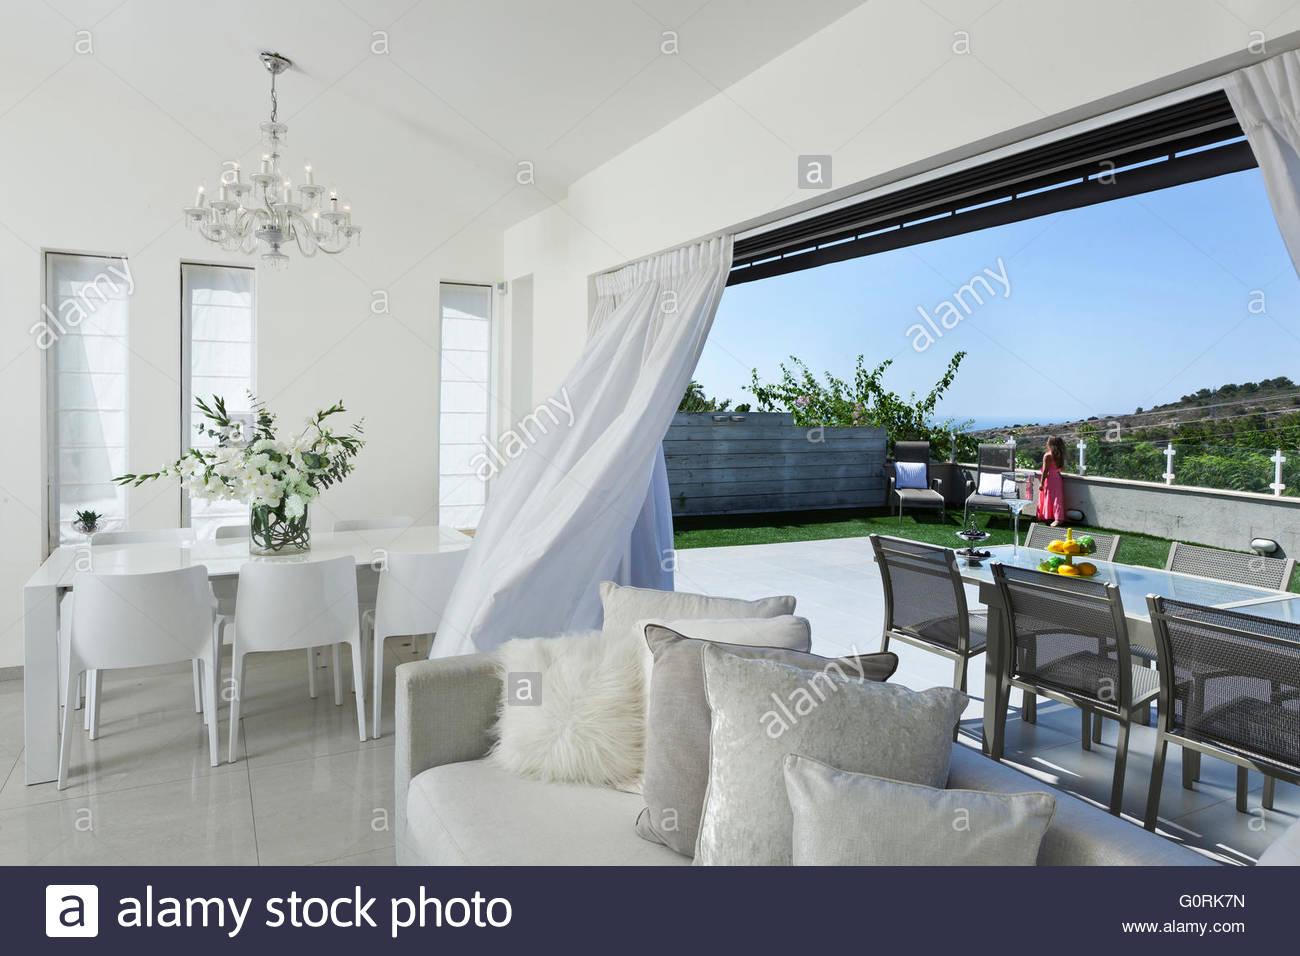 Exquisit Moderne Wohnzimmer Bilder Galerie Von Blick Auf Und Terrasse Zurück. Glas Schiebetüren